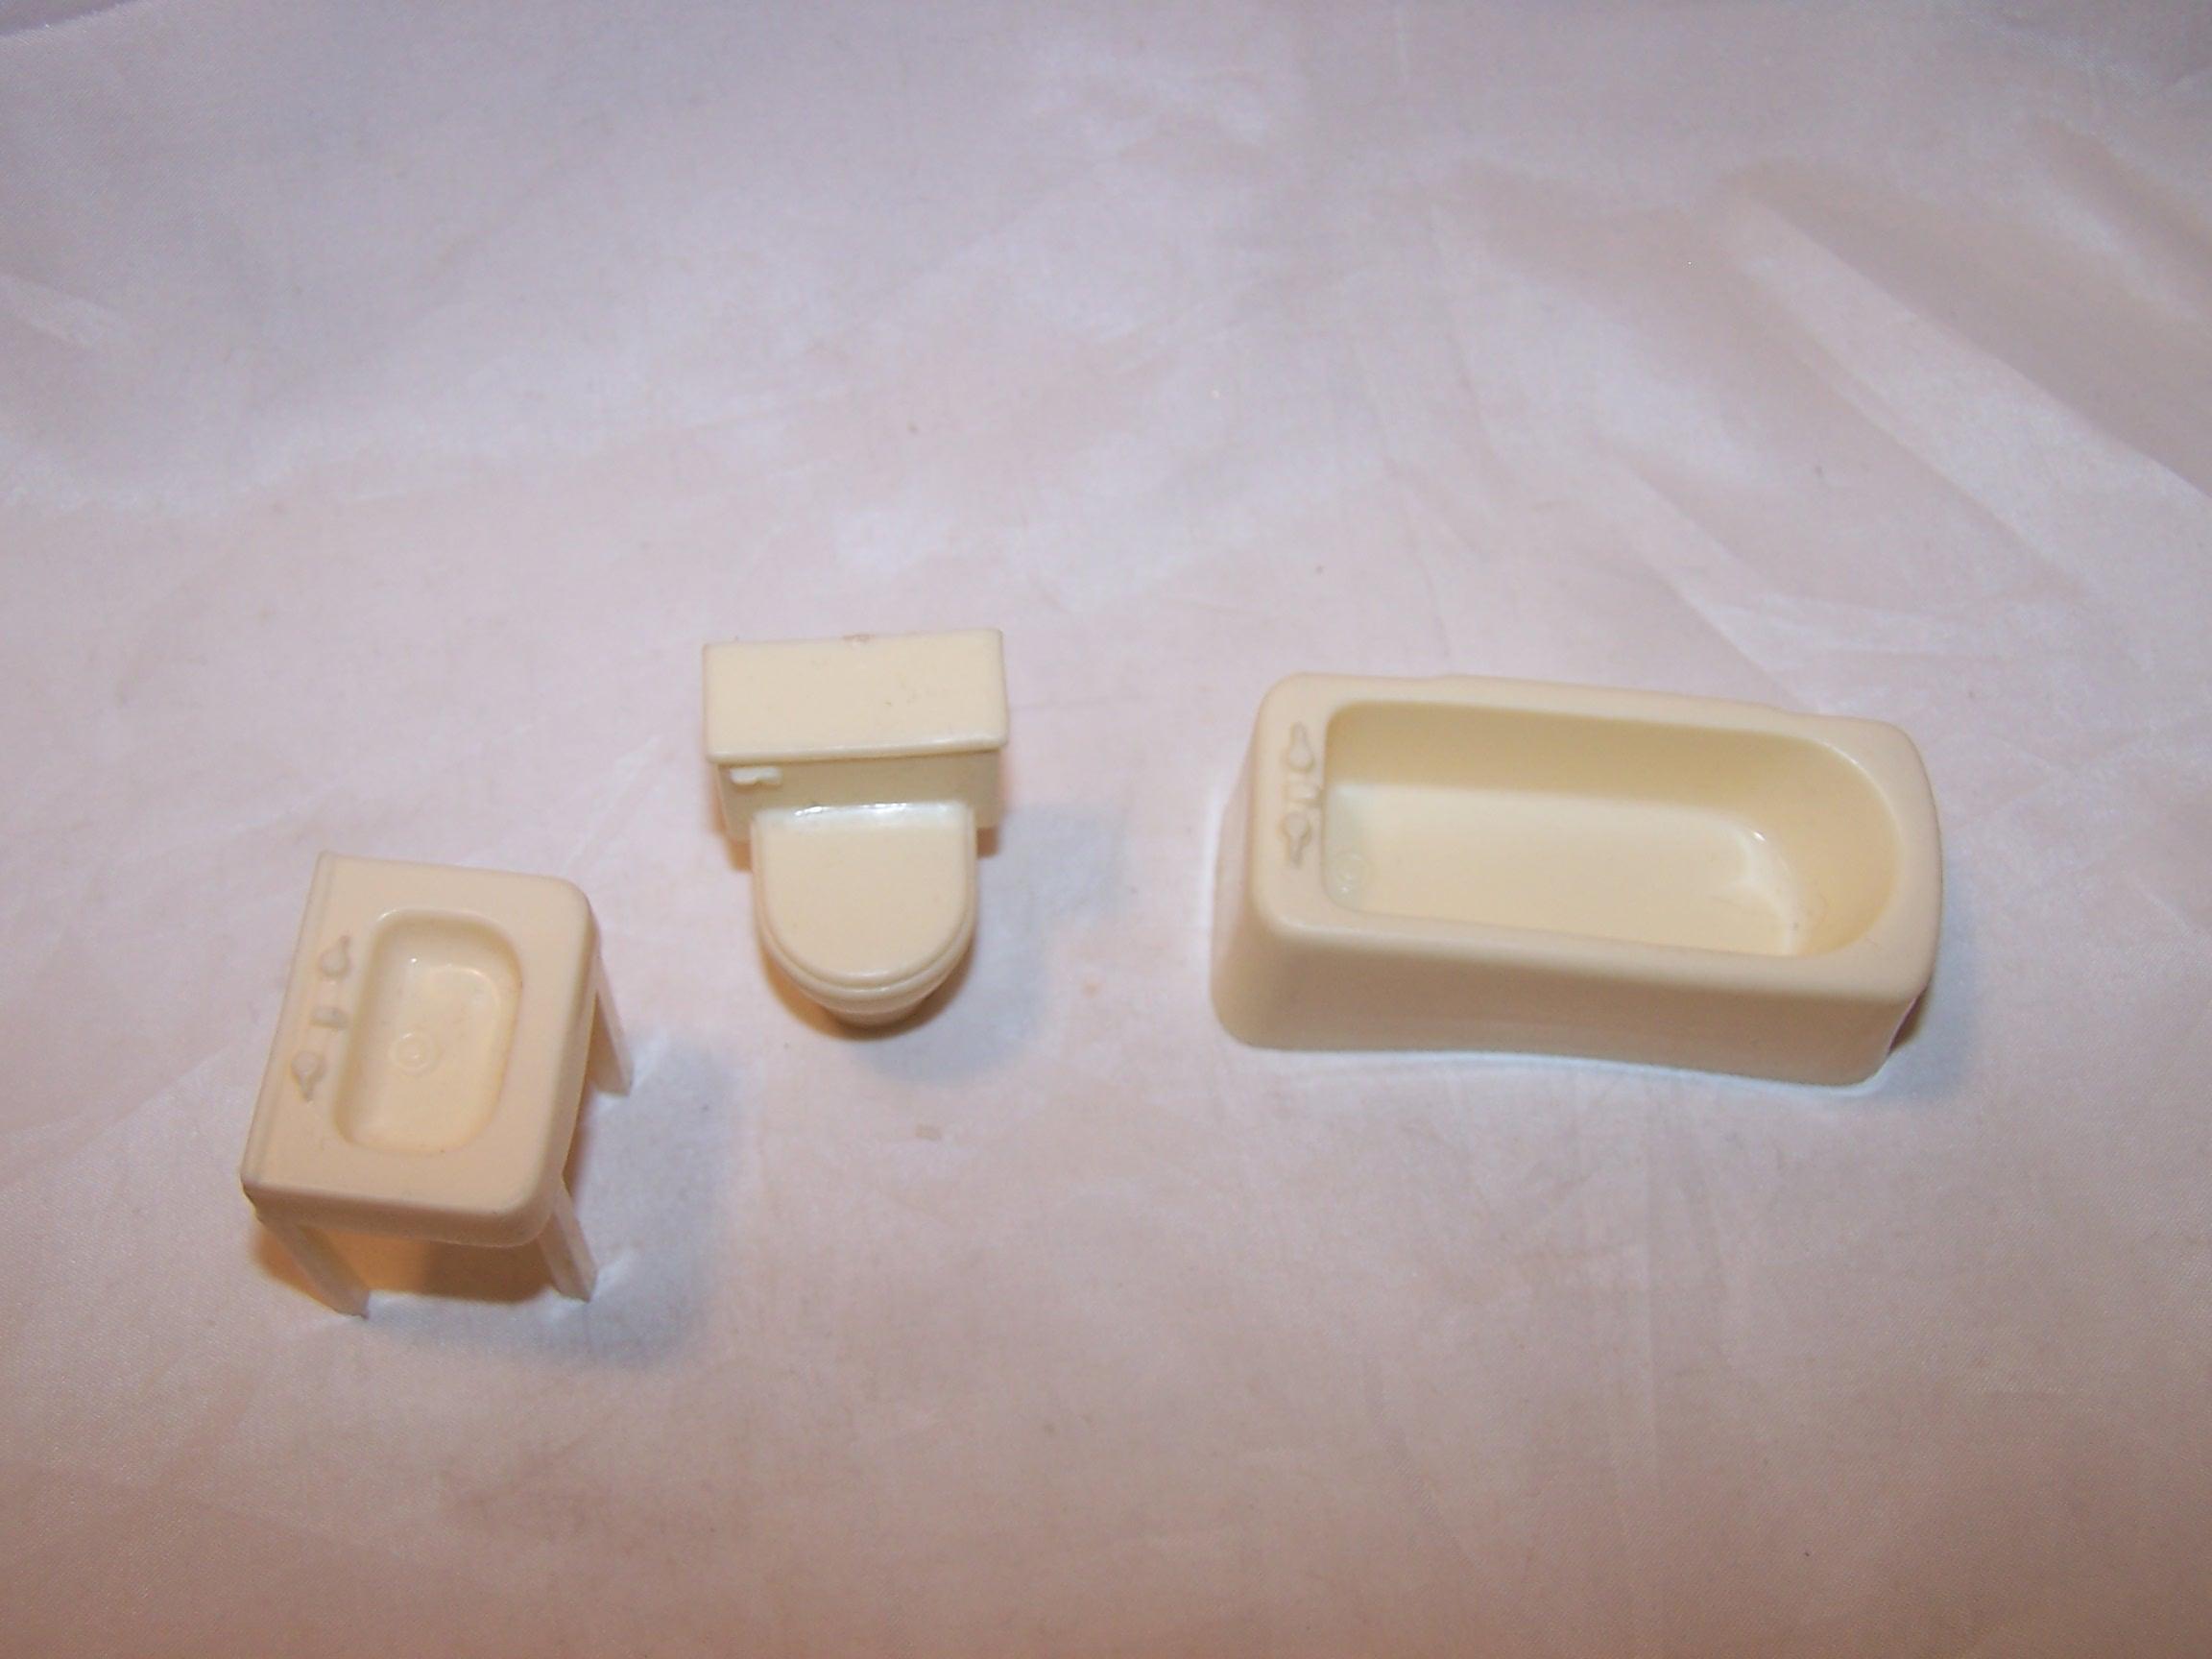 Image 1 of Dollhouse Bathroom Fixtures, Plastic, Vintage